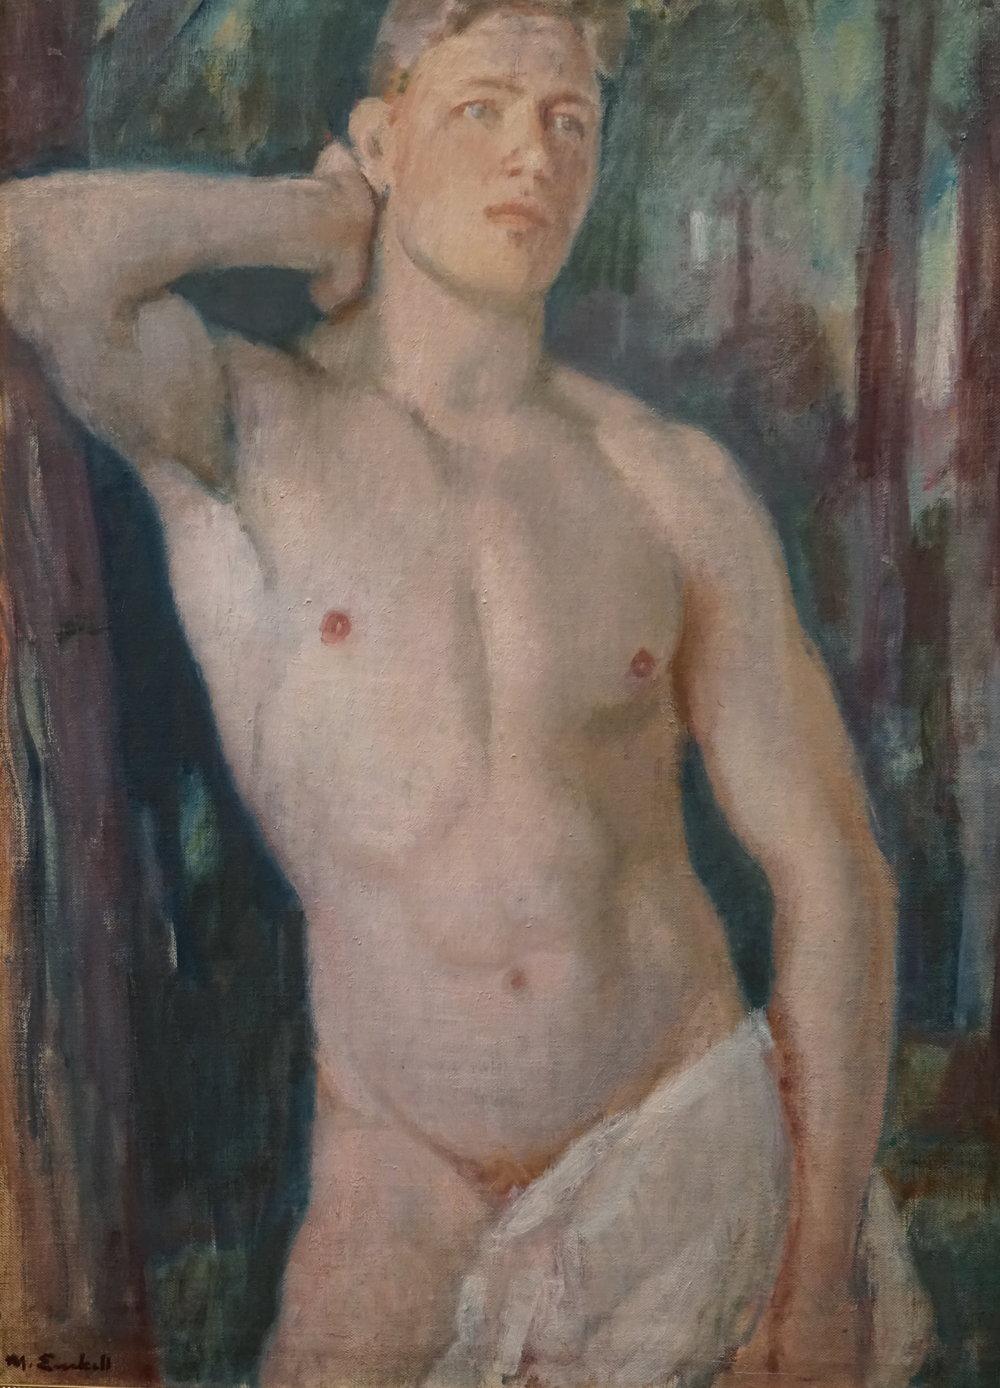 Queer-opastuksilla - Kirpilän taidekokoelman teoksia tarkastellaan uusista, hetero-normatiivisia perinteitä rikkovista näkökulmista. Sateenkaaren väriseen luentaan opastuksilla johdattelee FM Karoliina Arola.Seuraava queer-opastus 6.5.2018 klo 14.30.NUORI ALASTON MIES      Magnus Enckell, 1920-luku